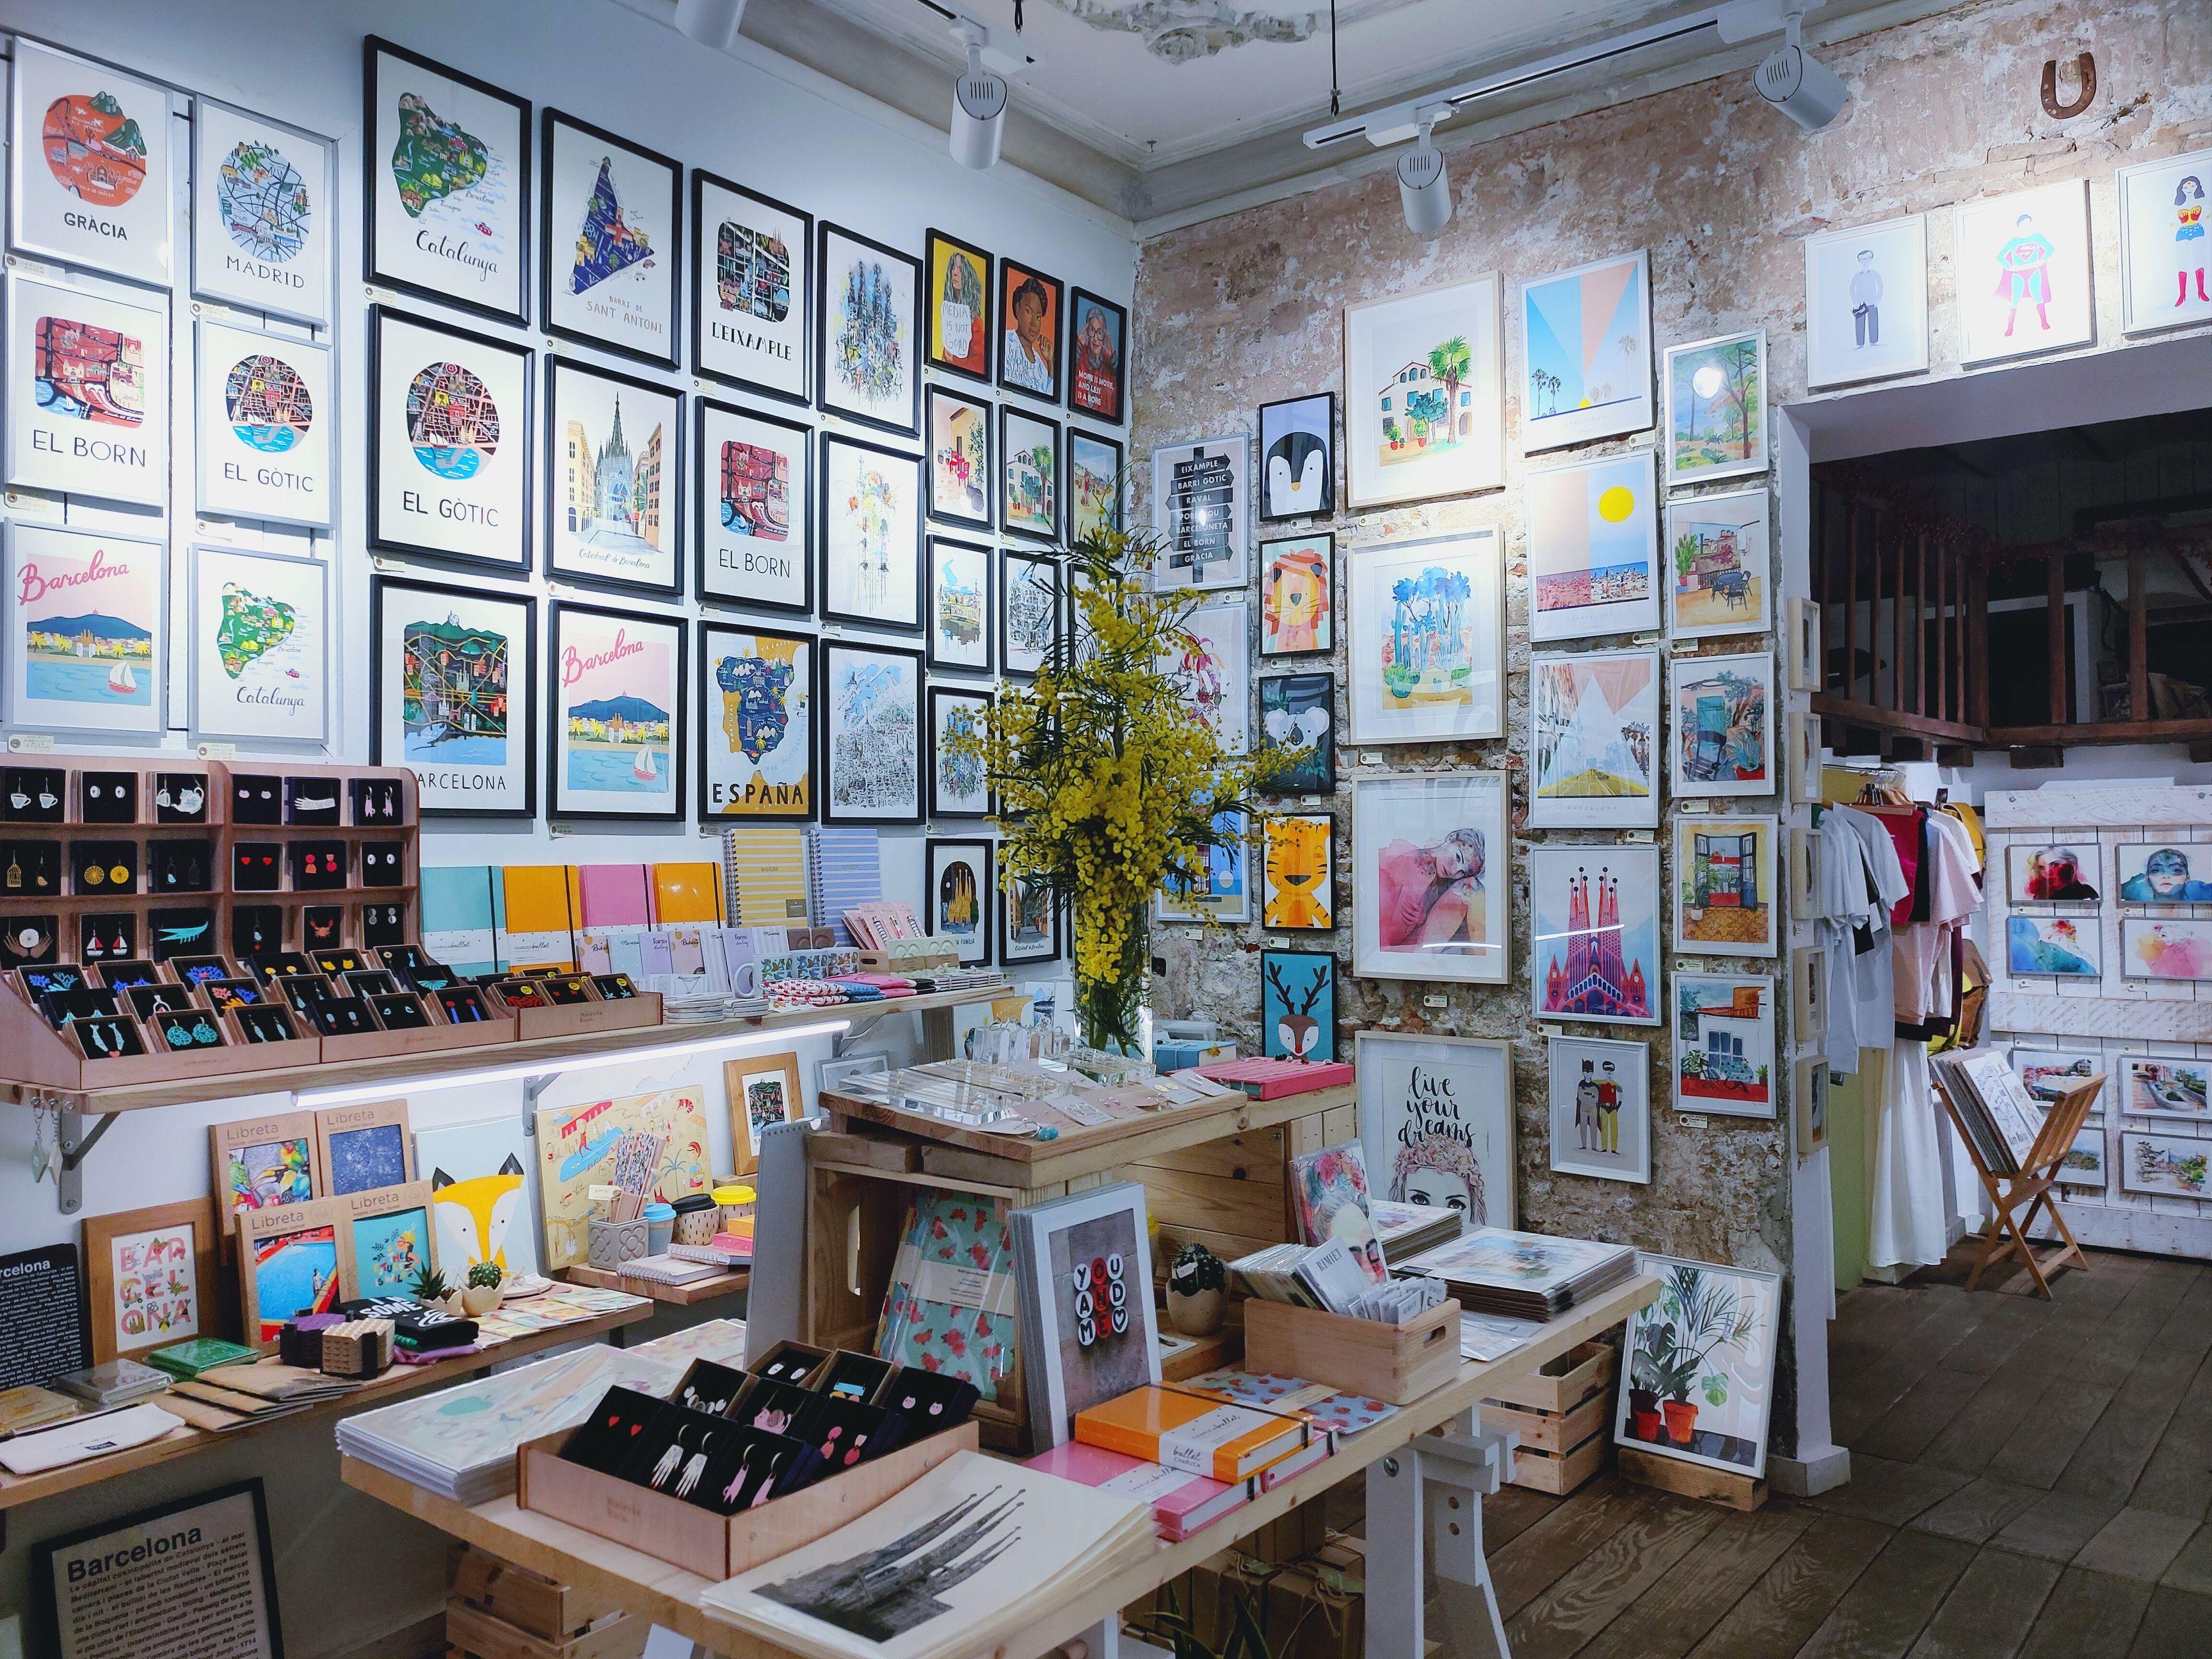 Mercilona shop in el Born, Barcelona